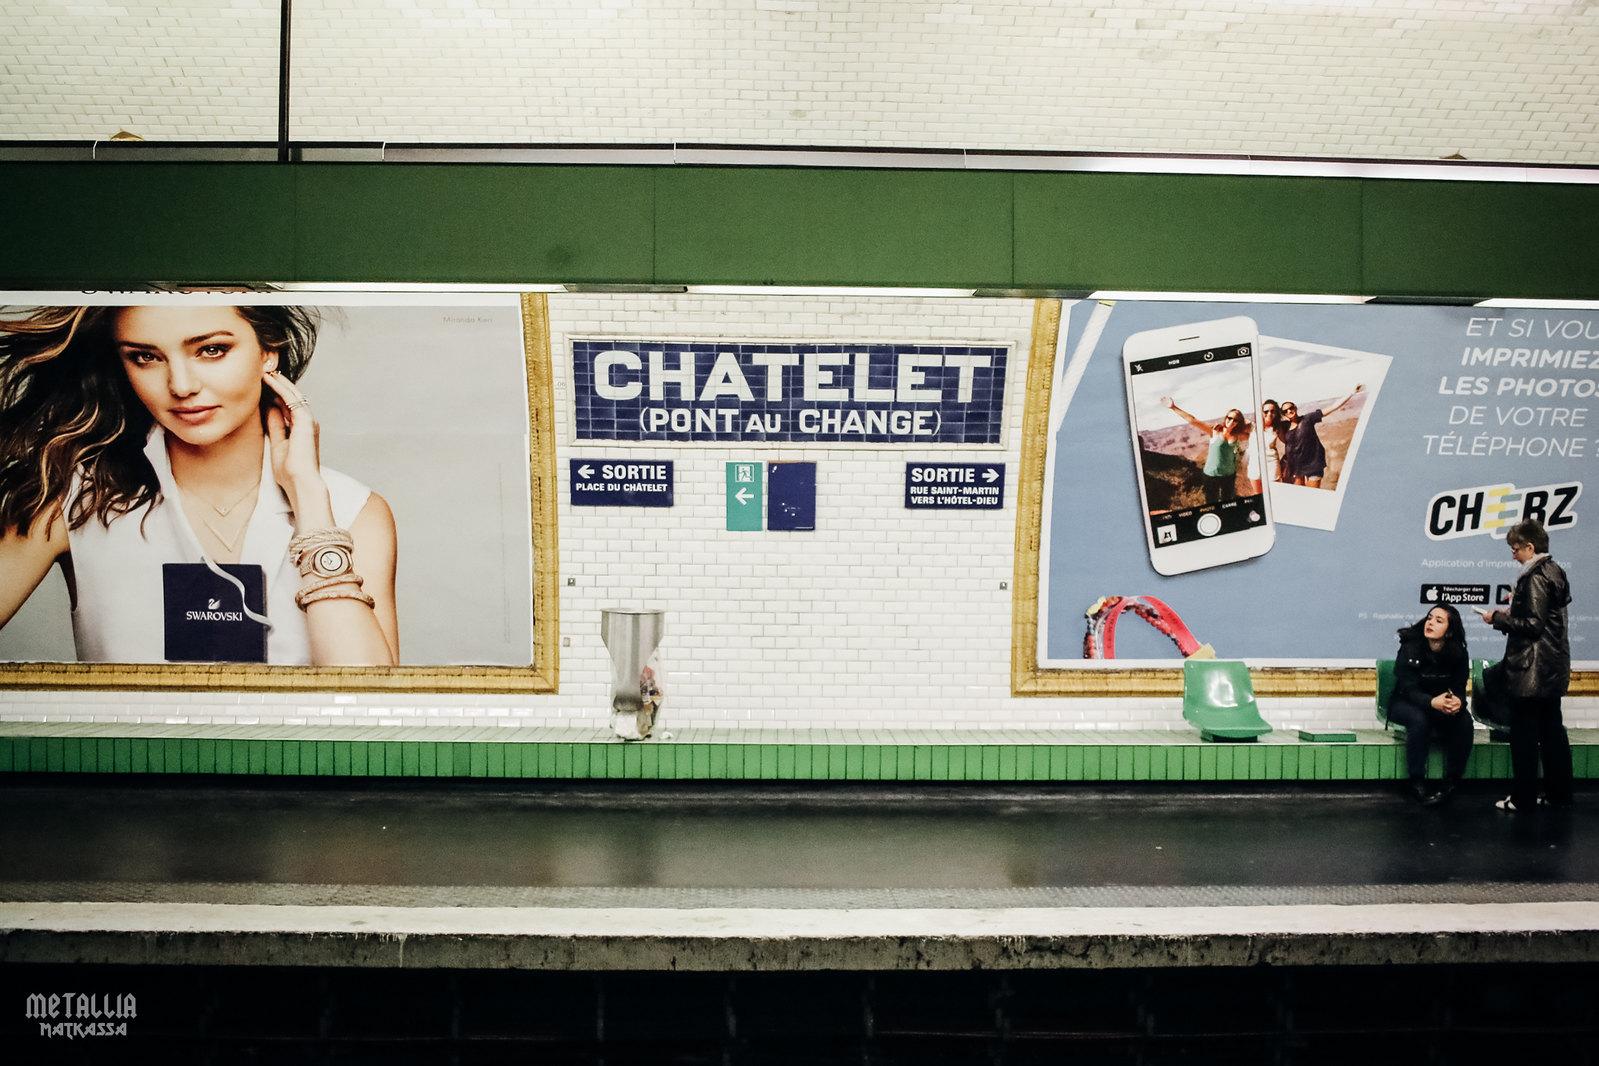 pariisi, pariisin metro, paris, paris metro